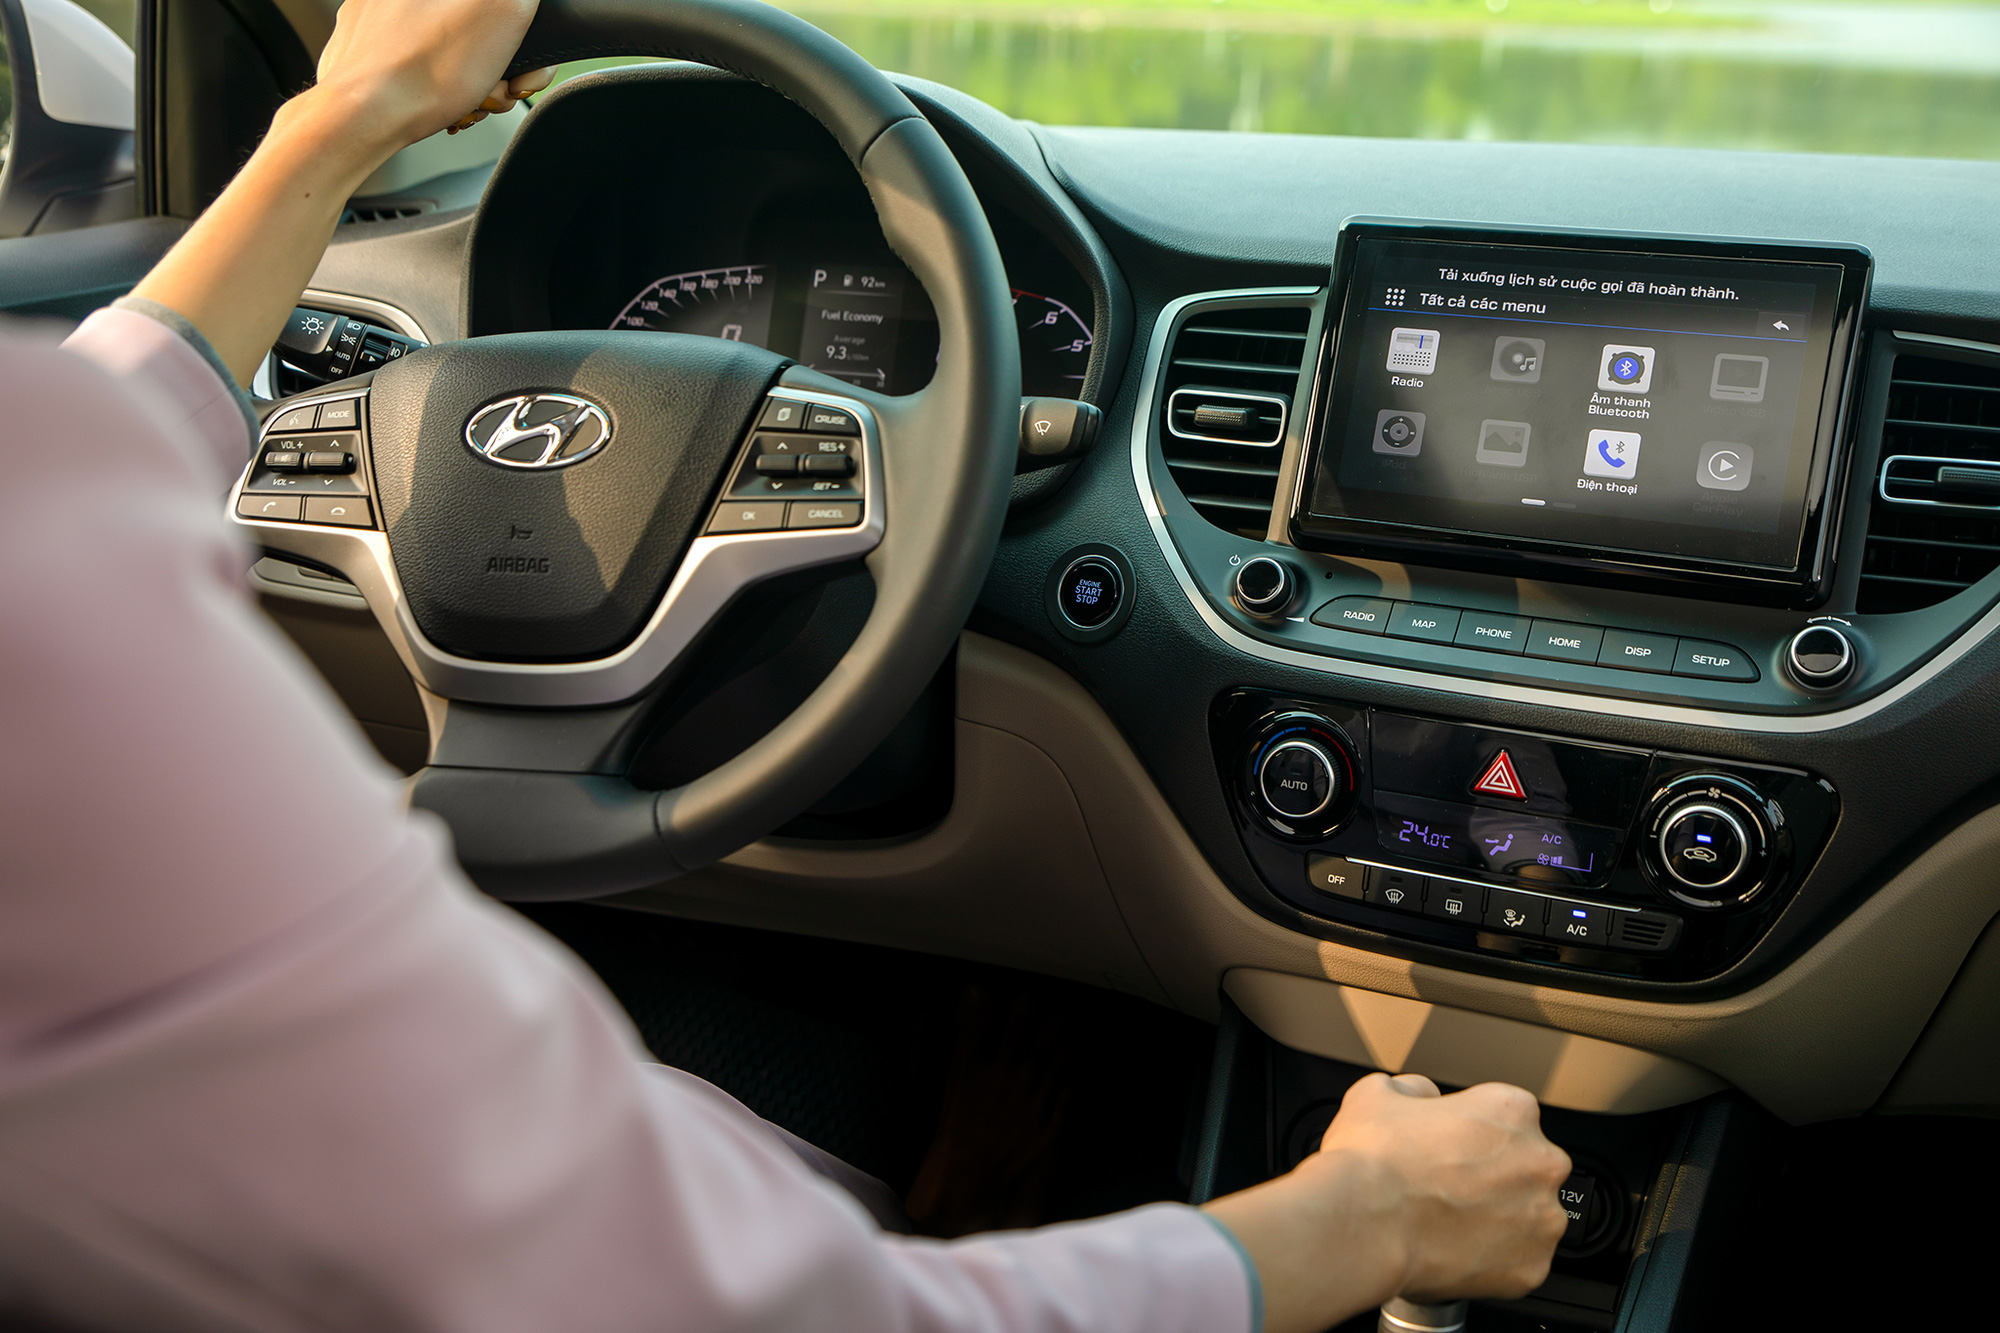 TC MOTOR công bố kết quả bán hàng Hyundai tháng 3/2021 - Ảnh 1.